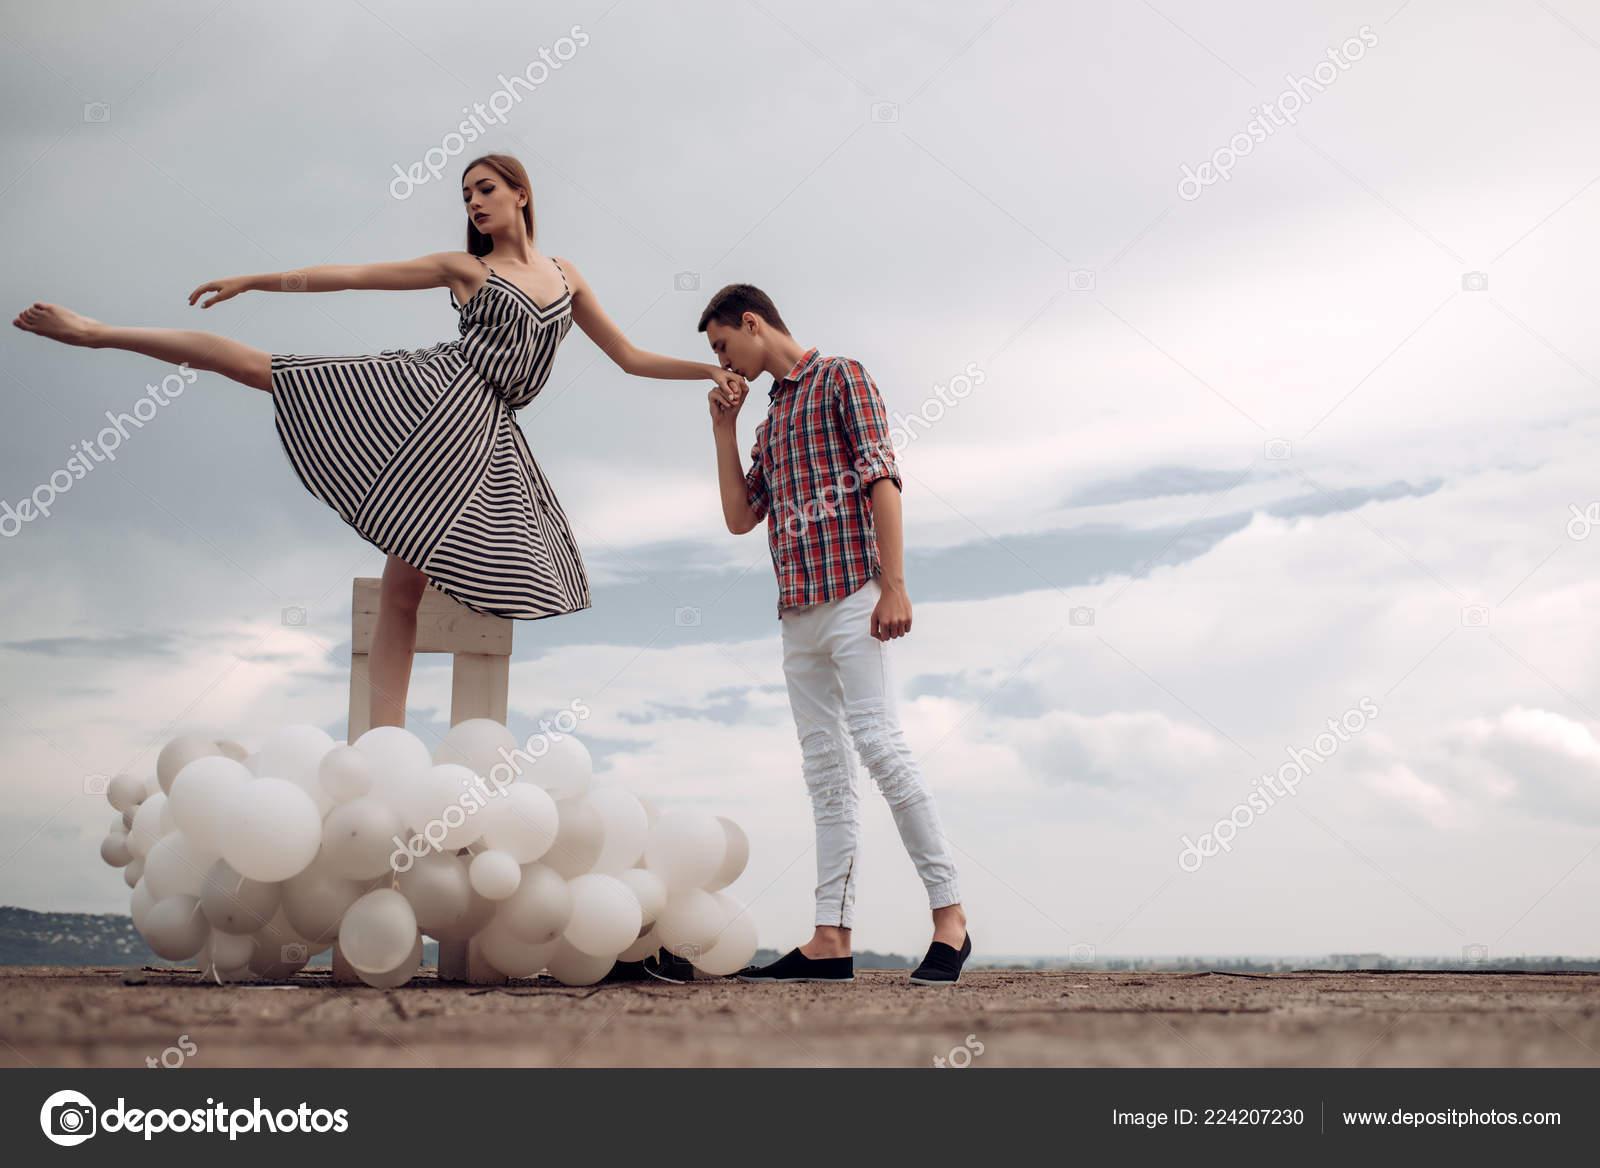 Cita Romántica Pareja De Ballet En Las Relaciones De Amor Pareja